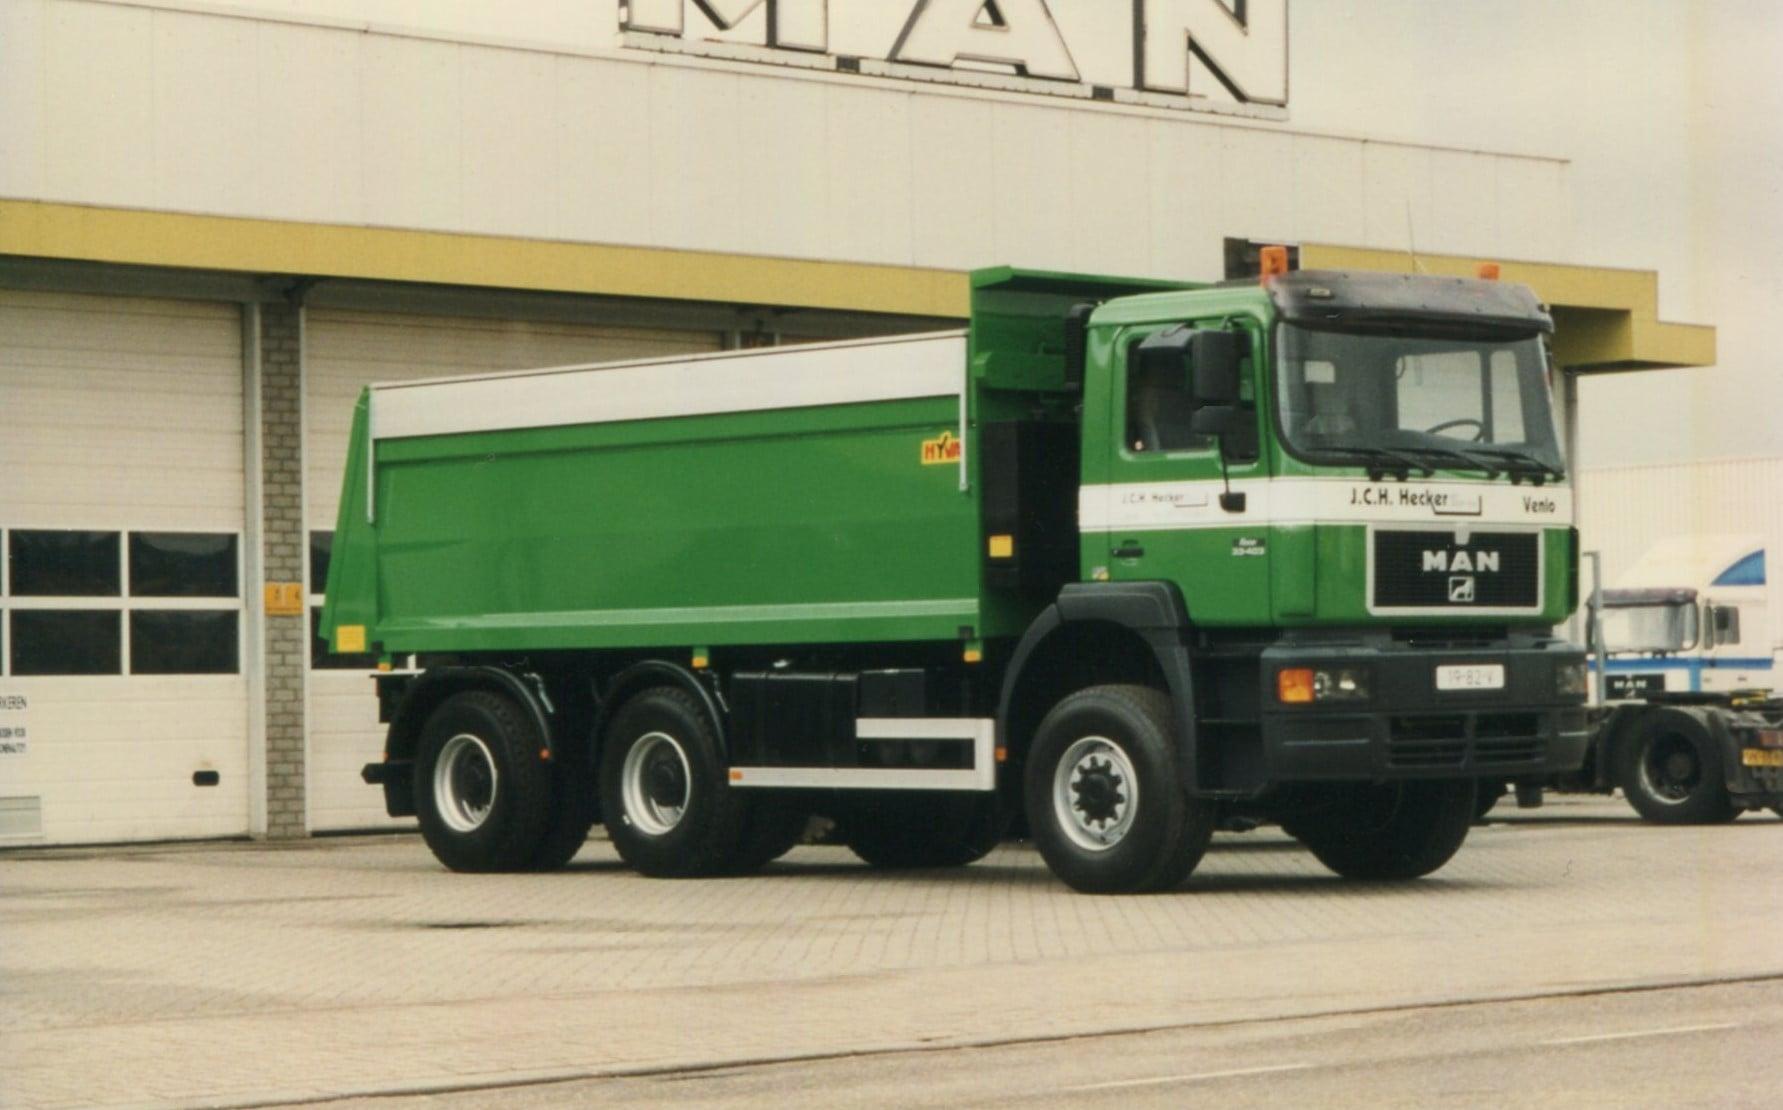 MAN-F2000-33-403-6X6--1997